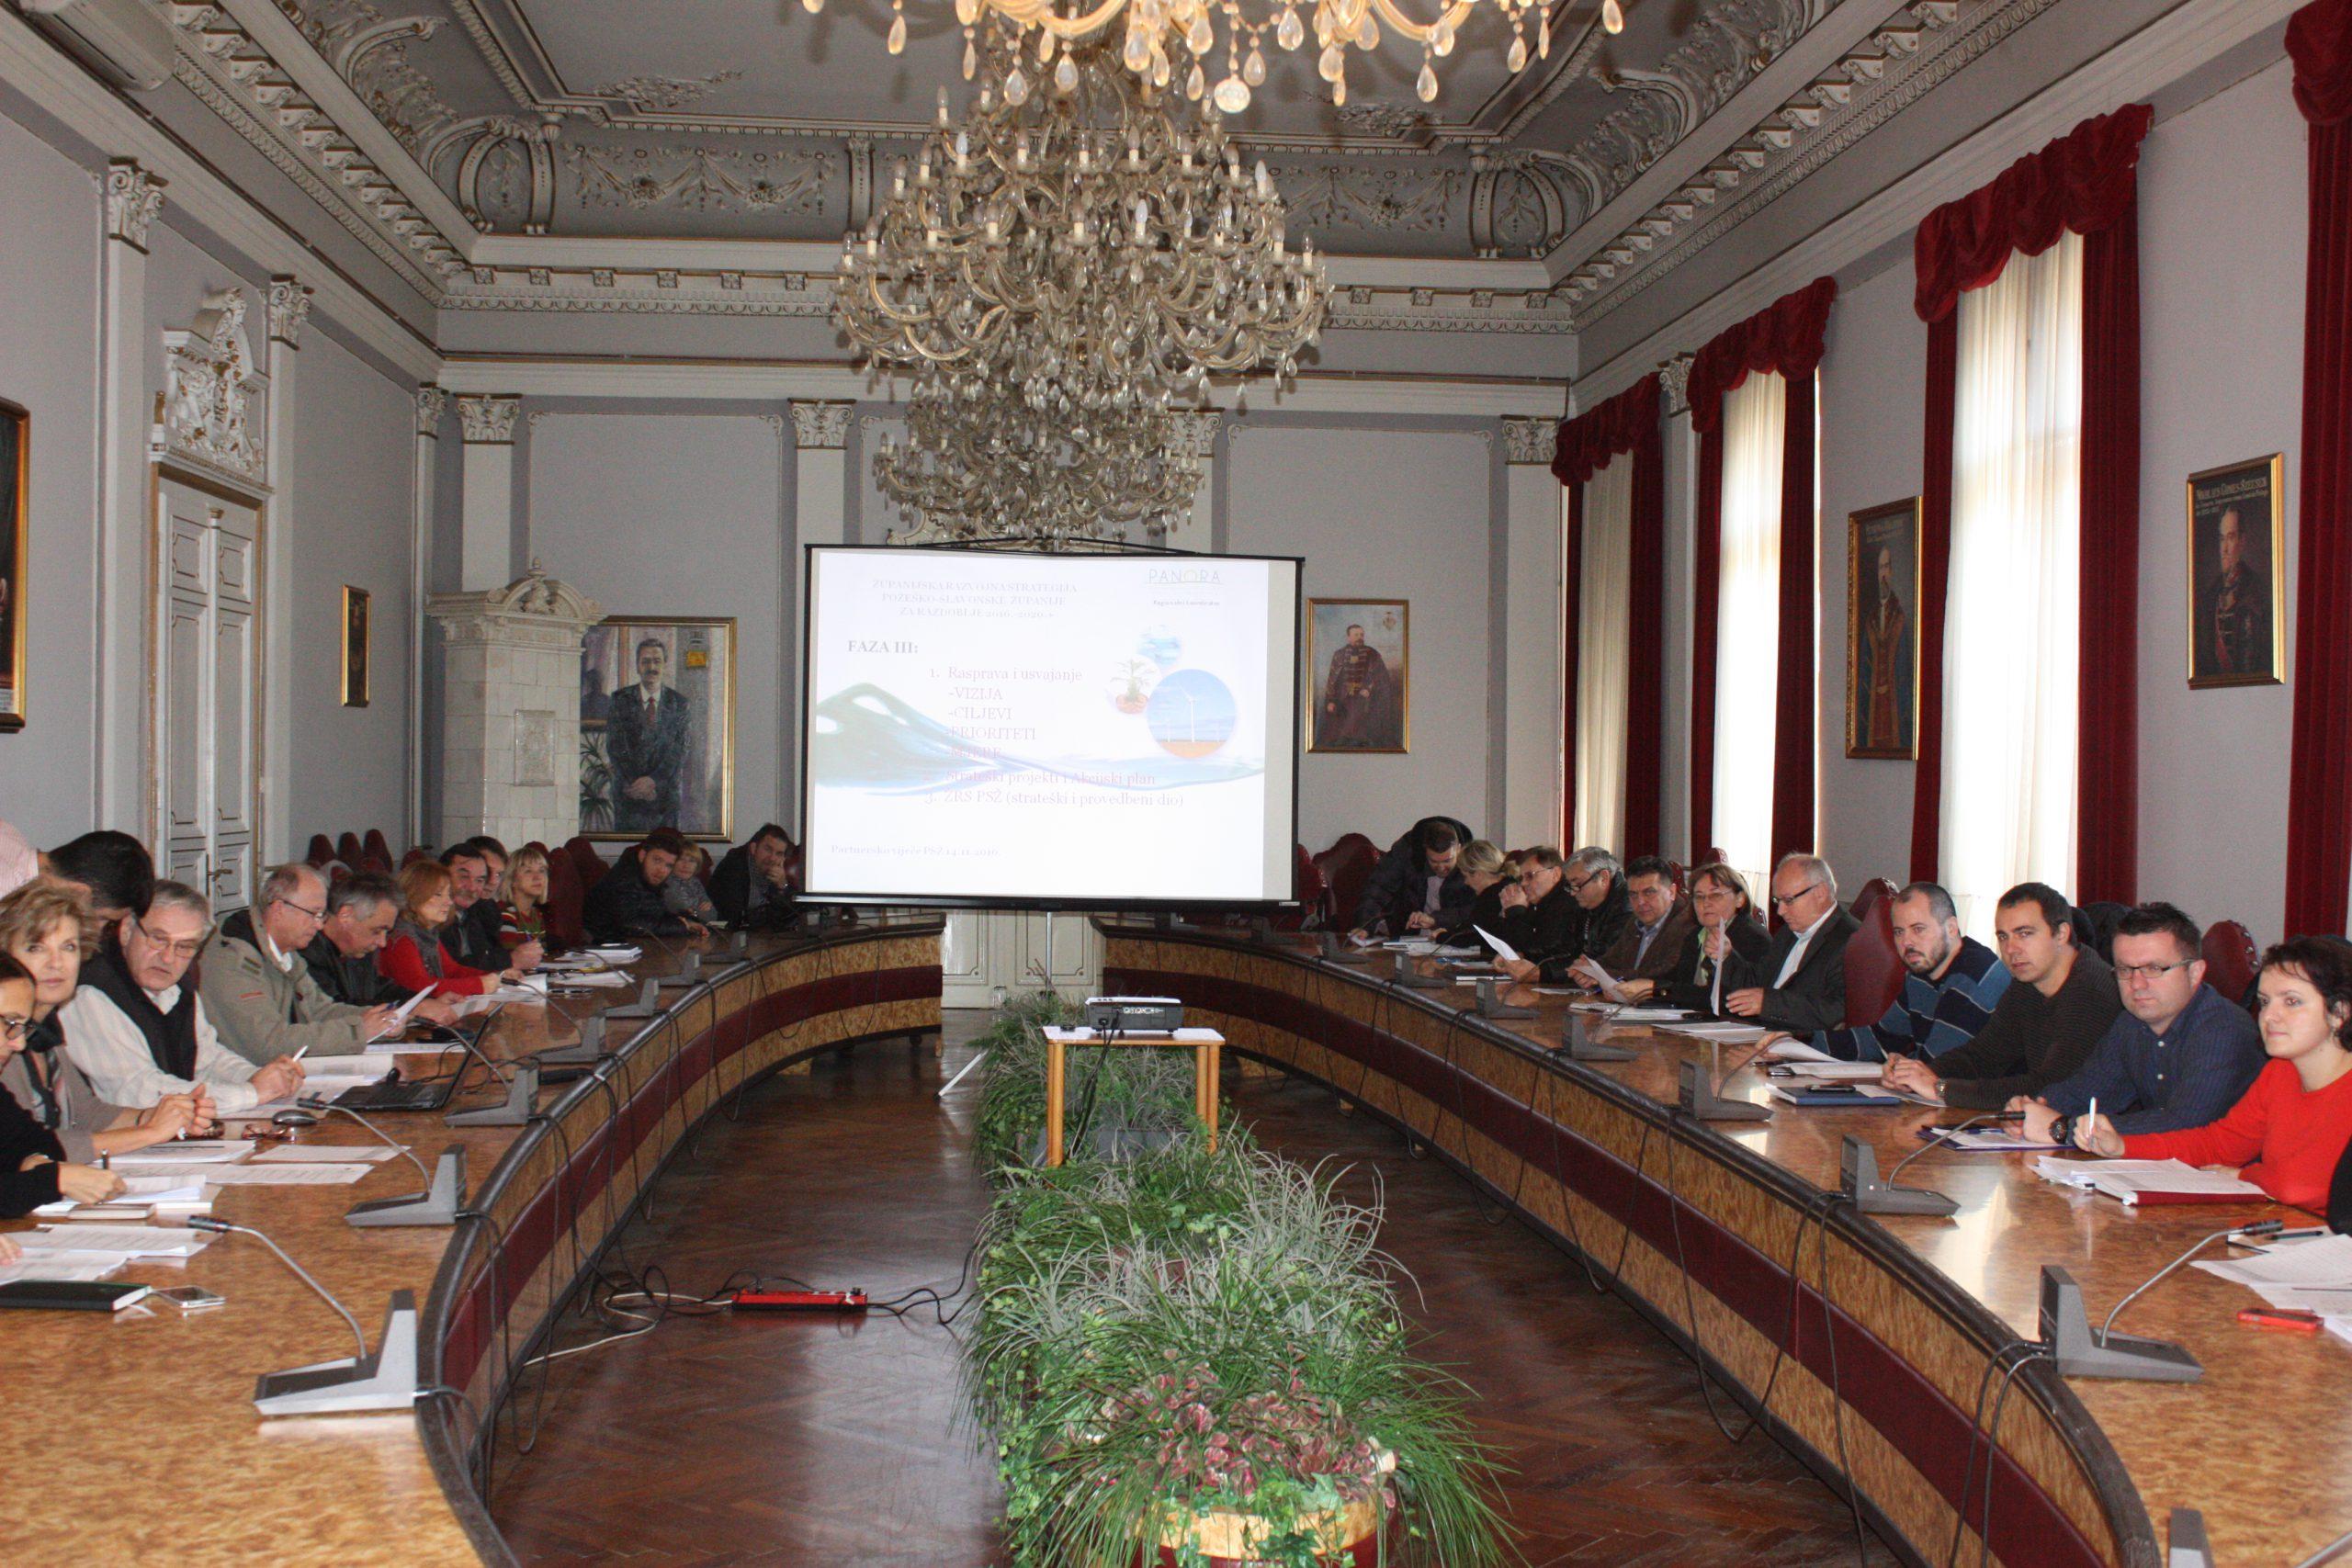 Izrada Županijske razvojne strategije Požeško-slavonske županije 2016-2020. privodi se kraju